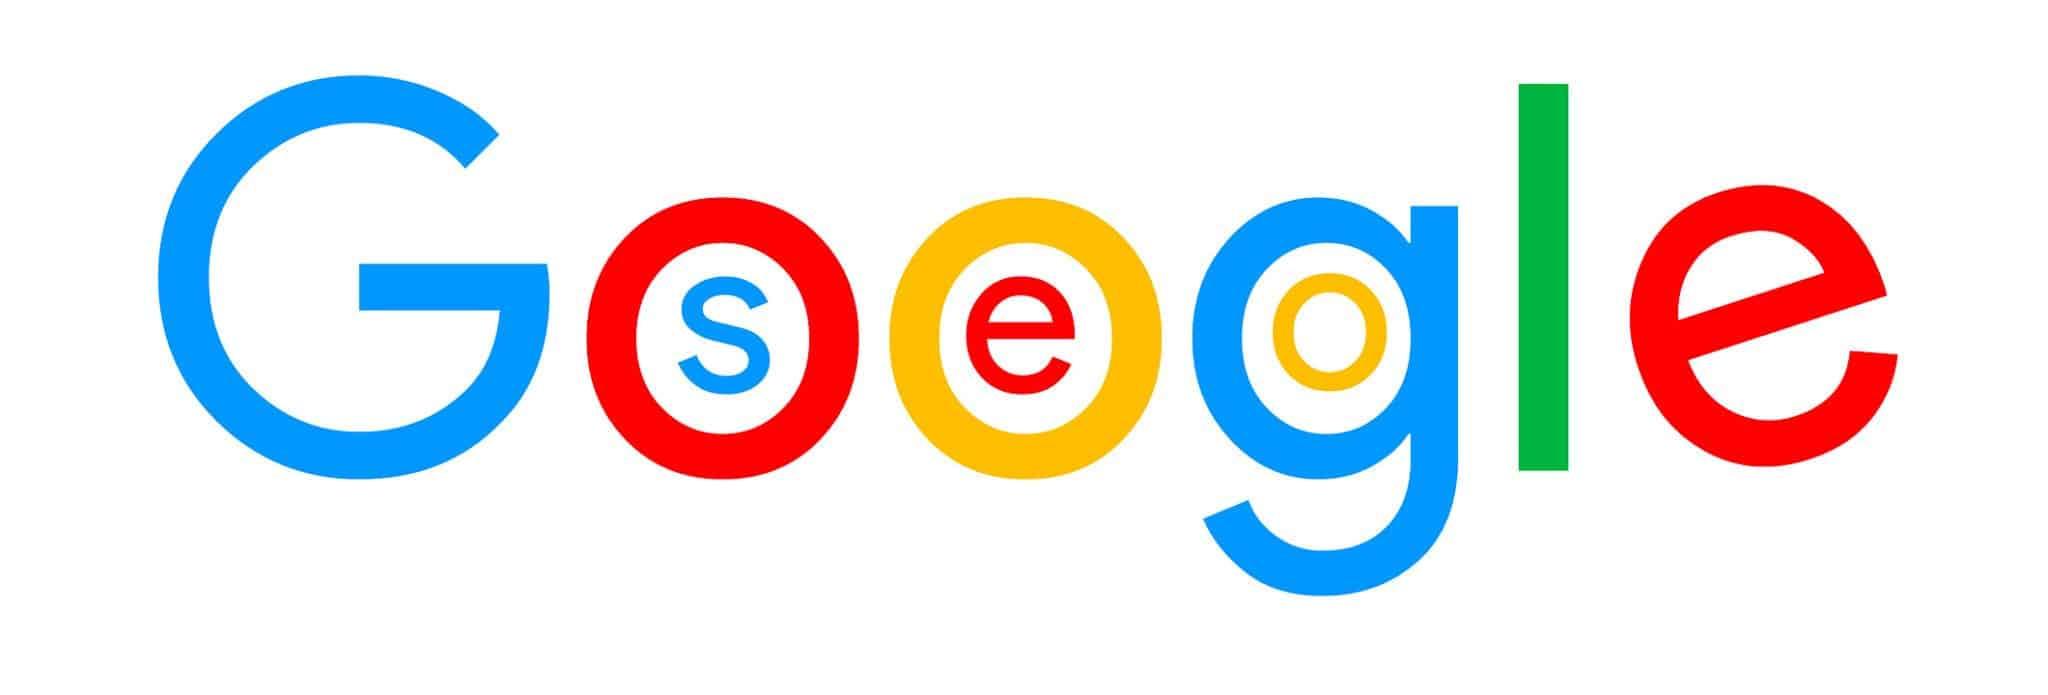 10-passi-per-posizionare-un-nuovo-sito-in-google